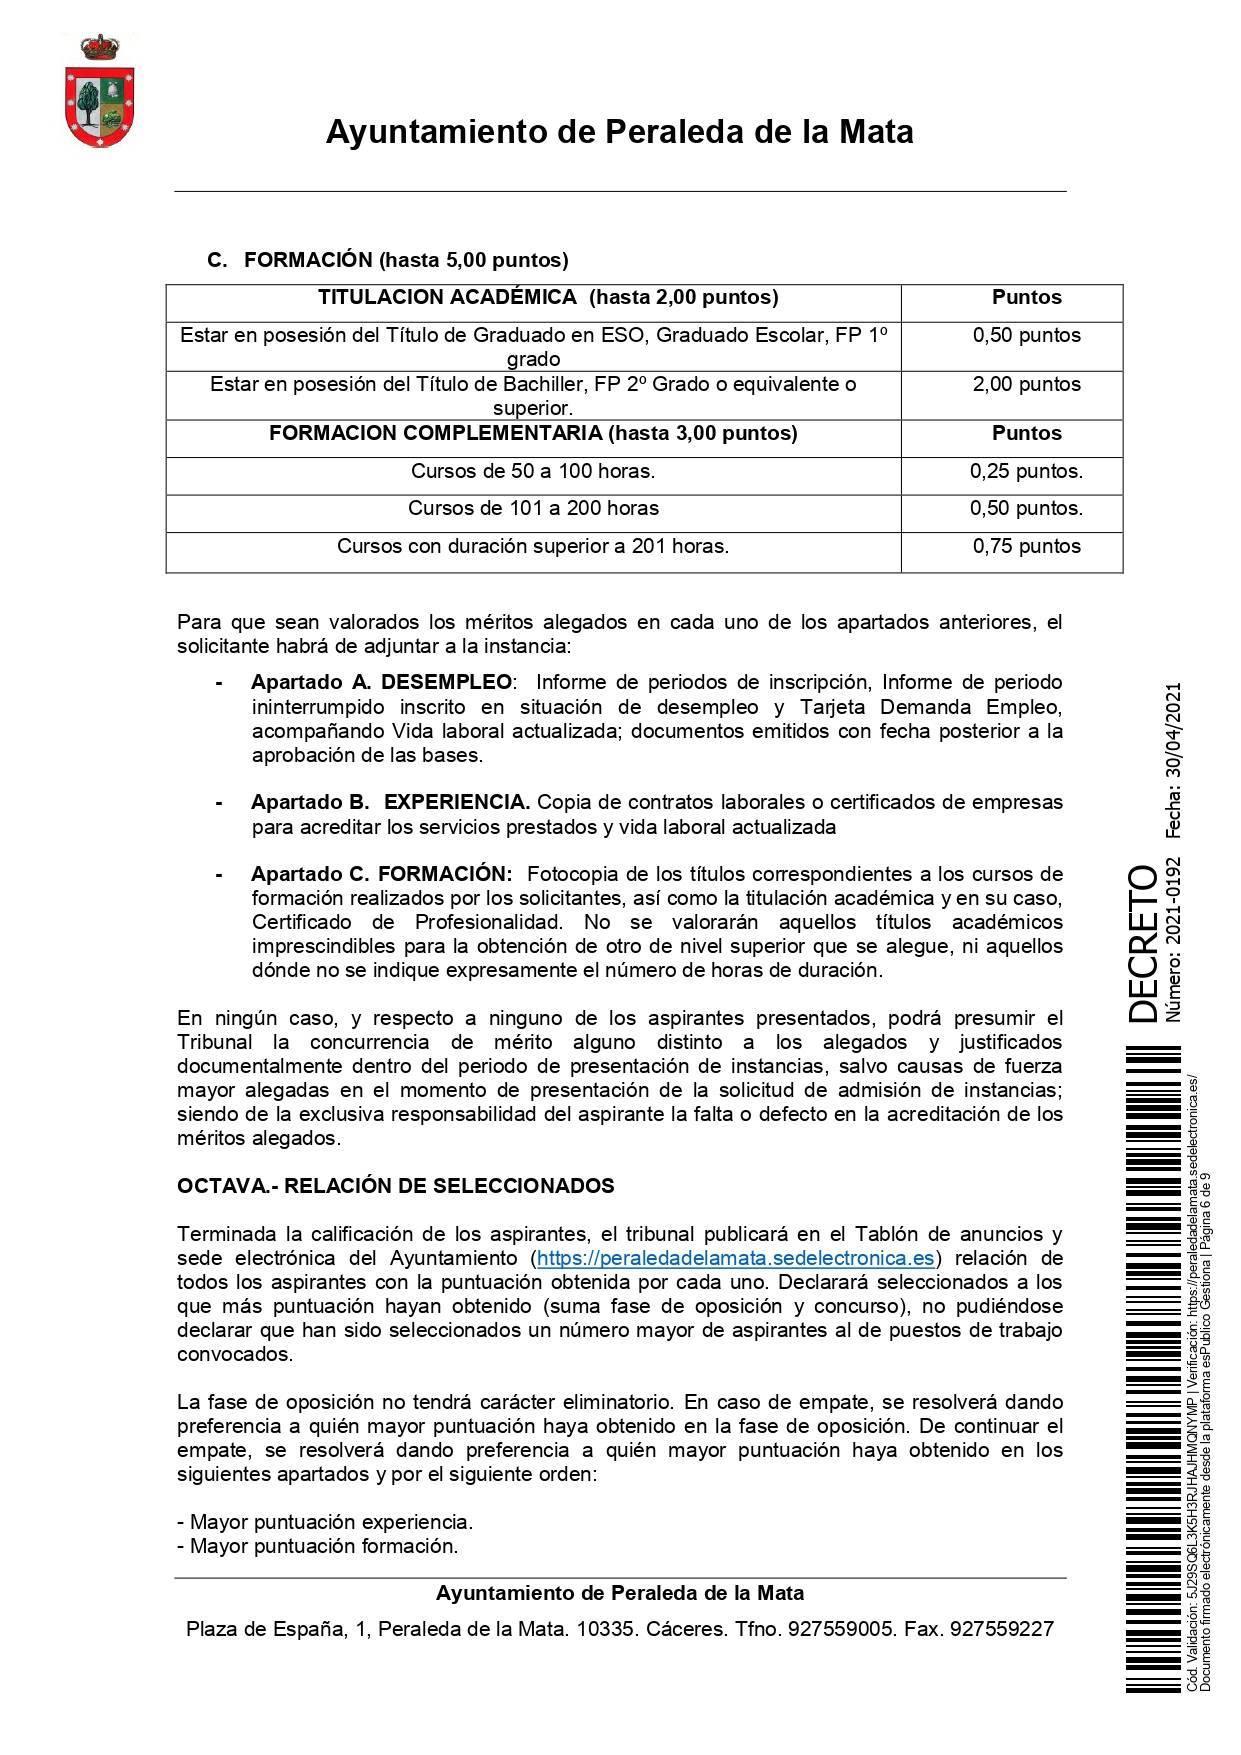 2 socorristas para la piscina municipal (2021) - Peraleda de la Mata (Cáceres) 6